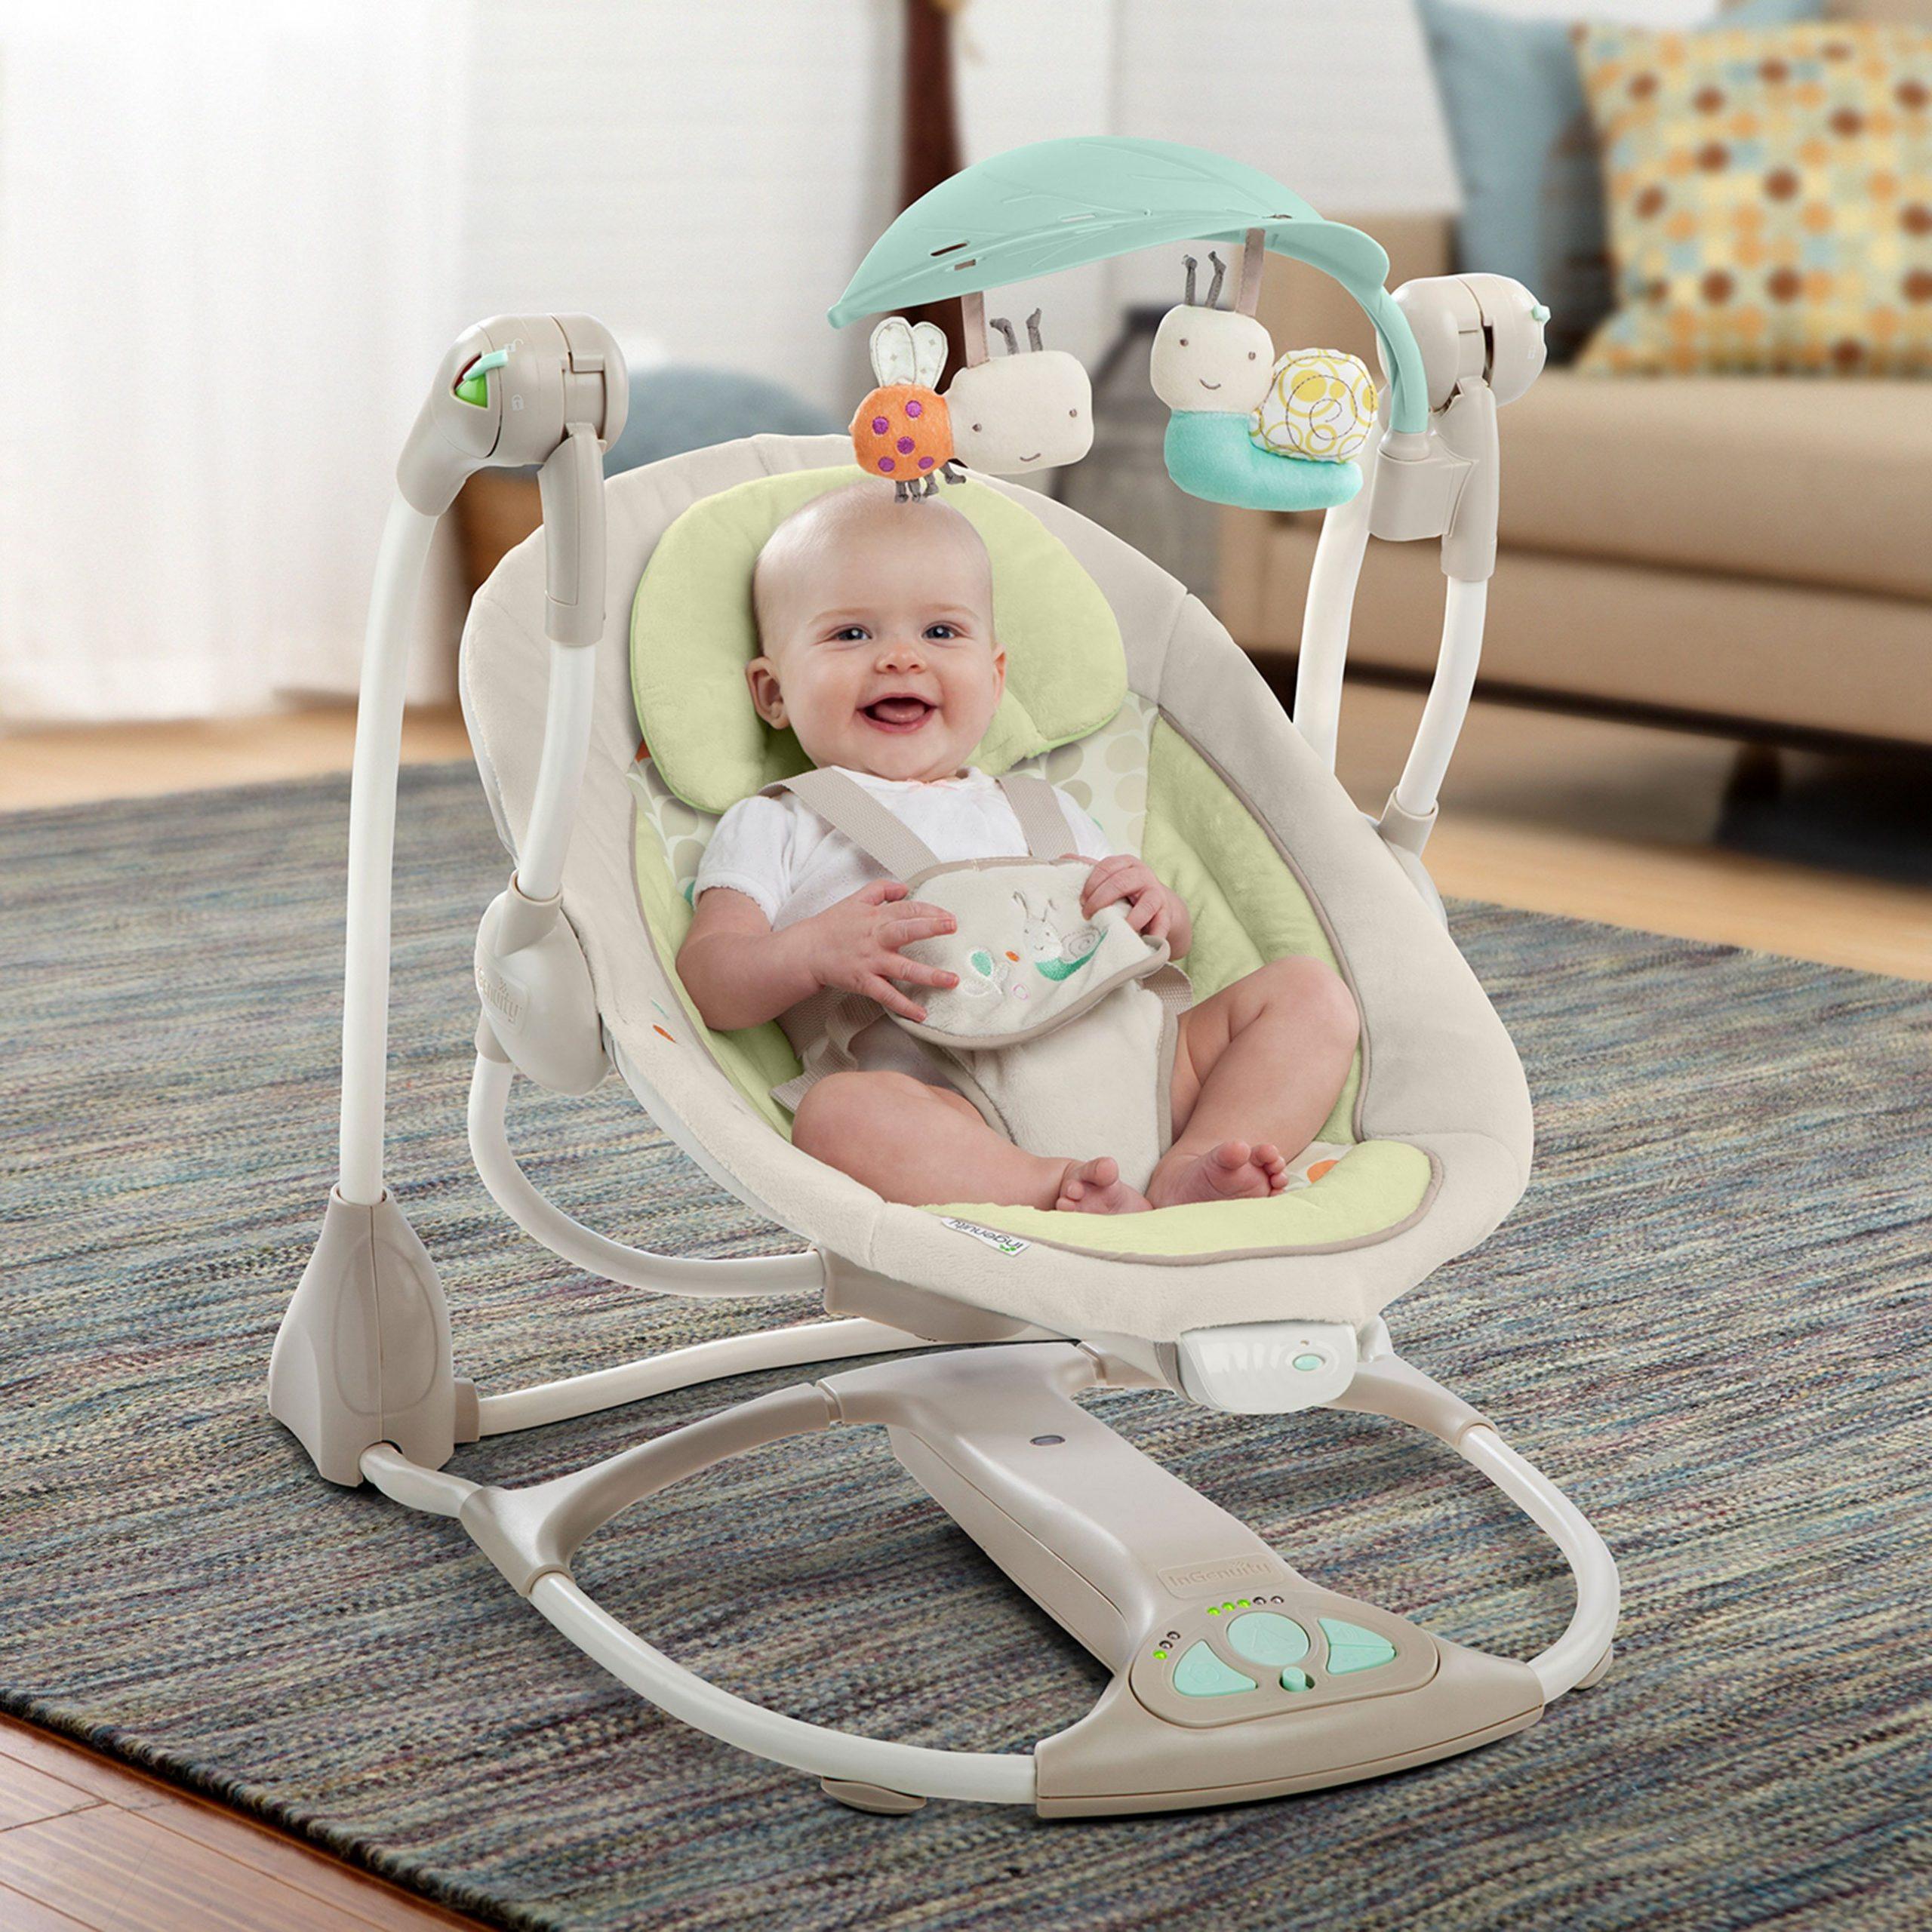 младенец в электронной кроватке качалке